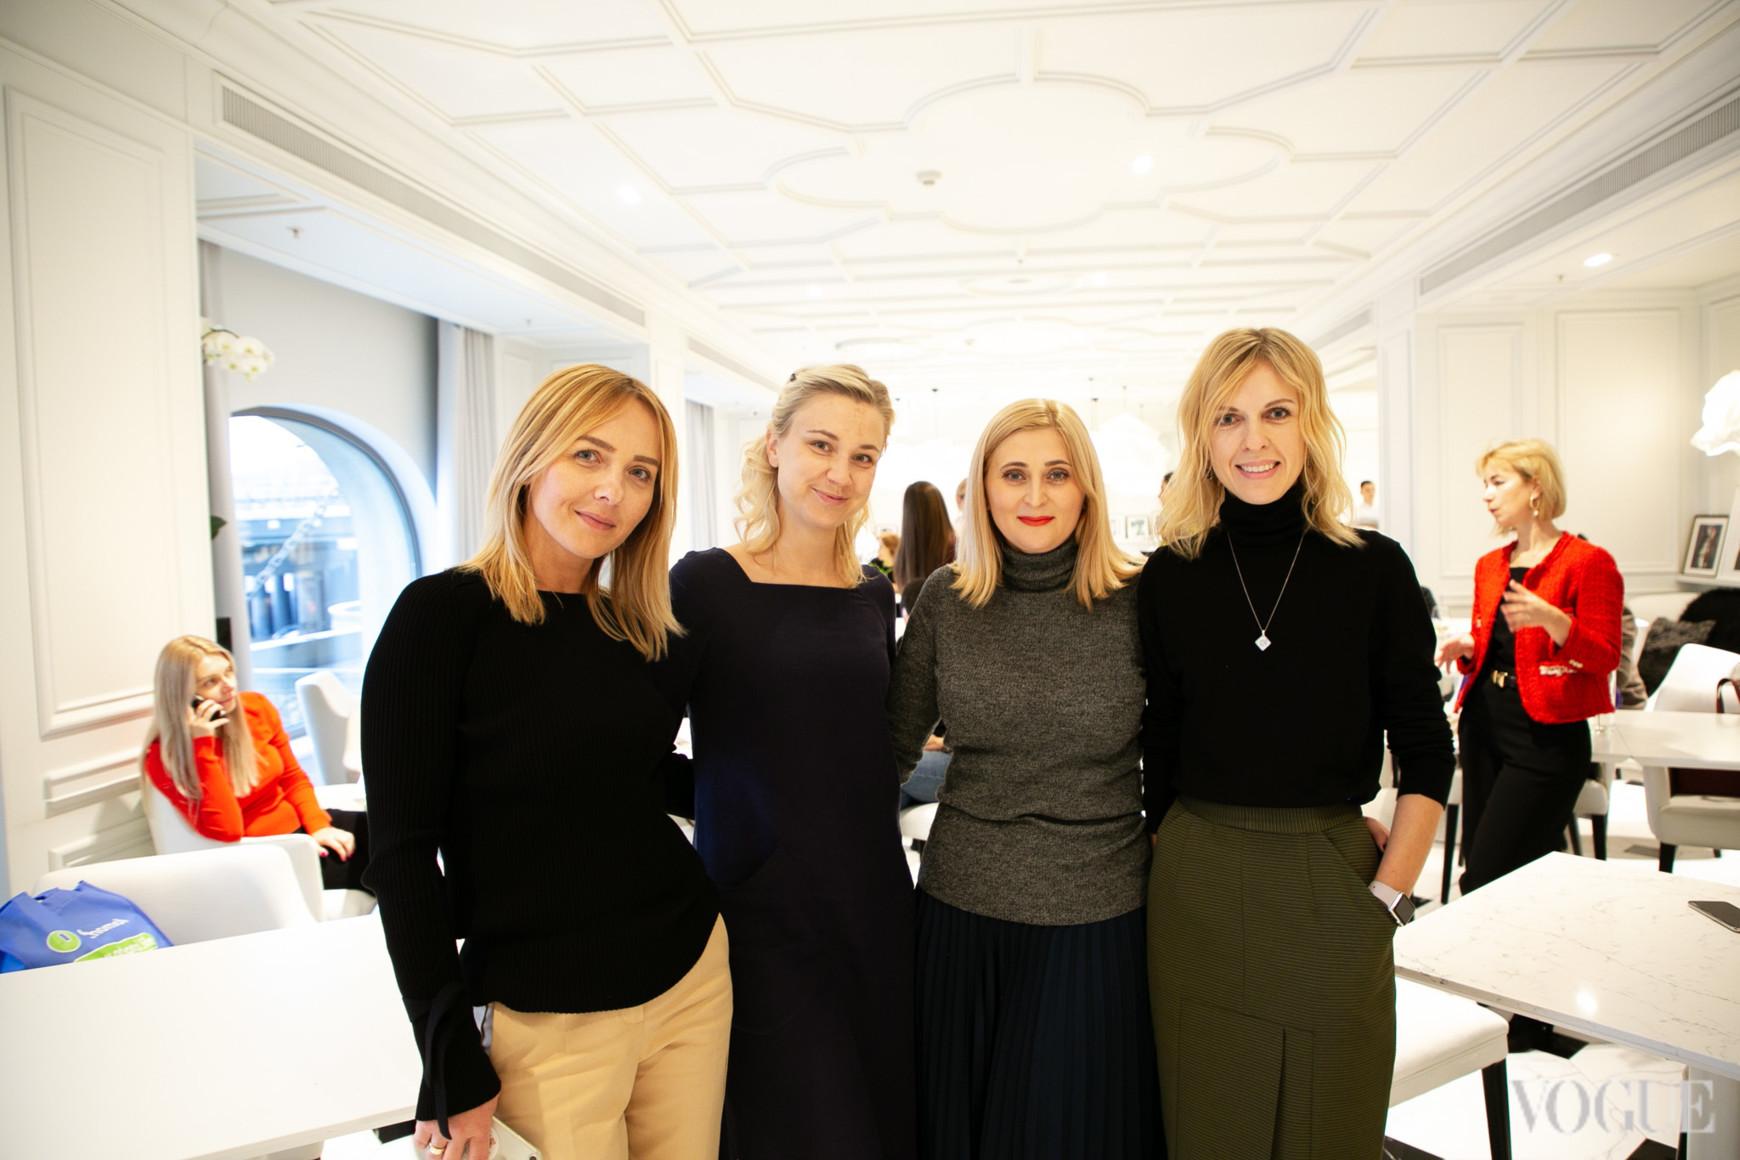 Наталья Бондарчук, Ольга Воронова, Вероника Антюфеева и Юлия Костецкая